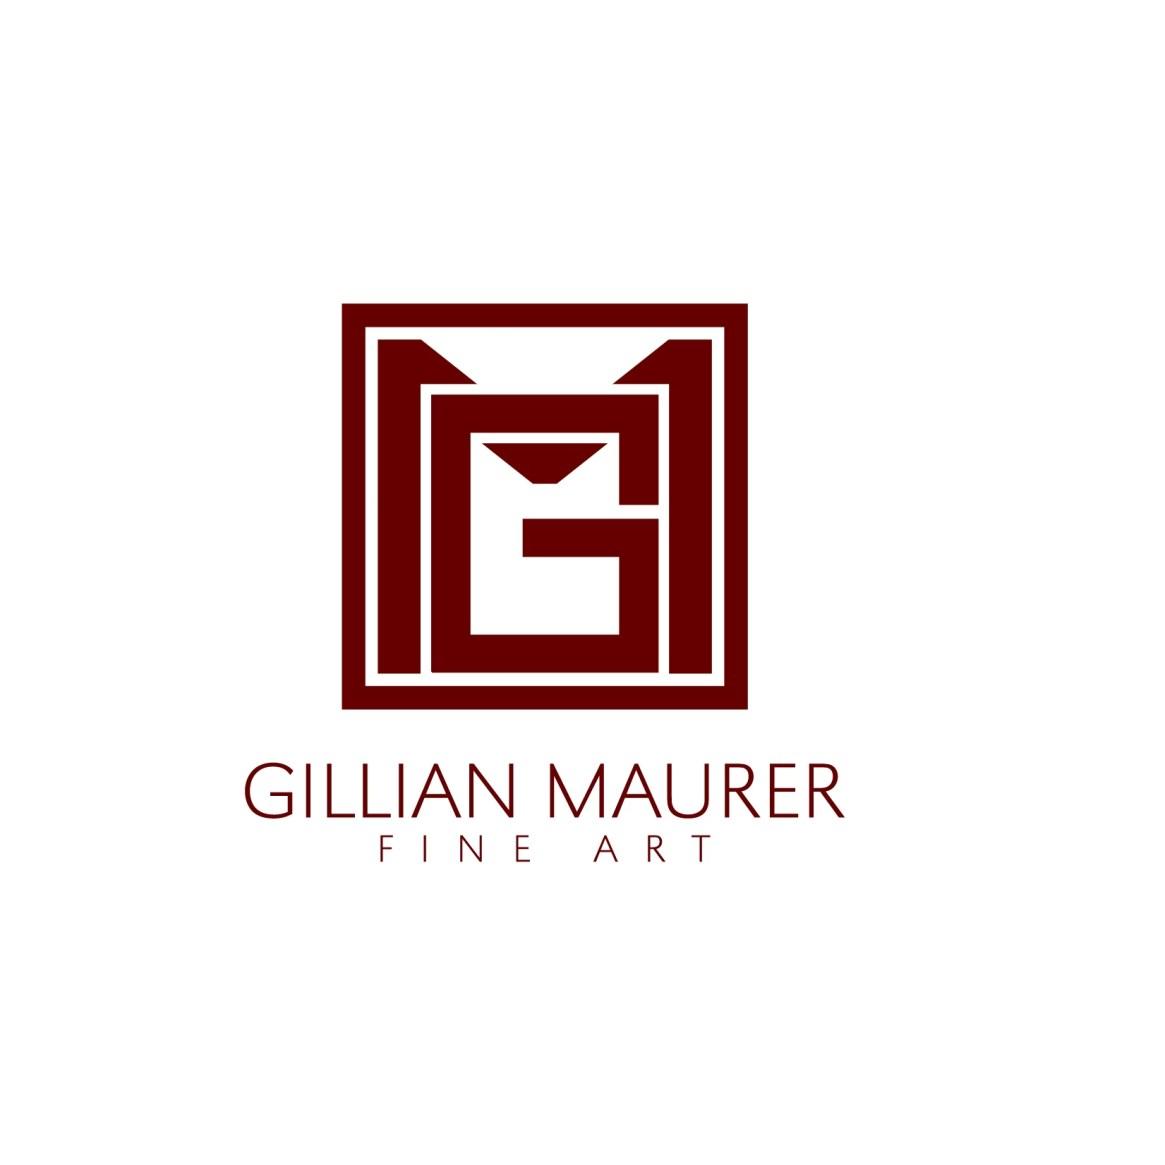 Gillian Maurer Fine Art Logo